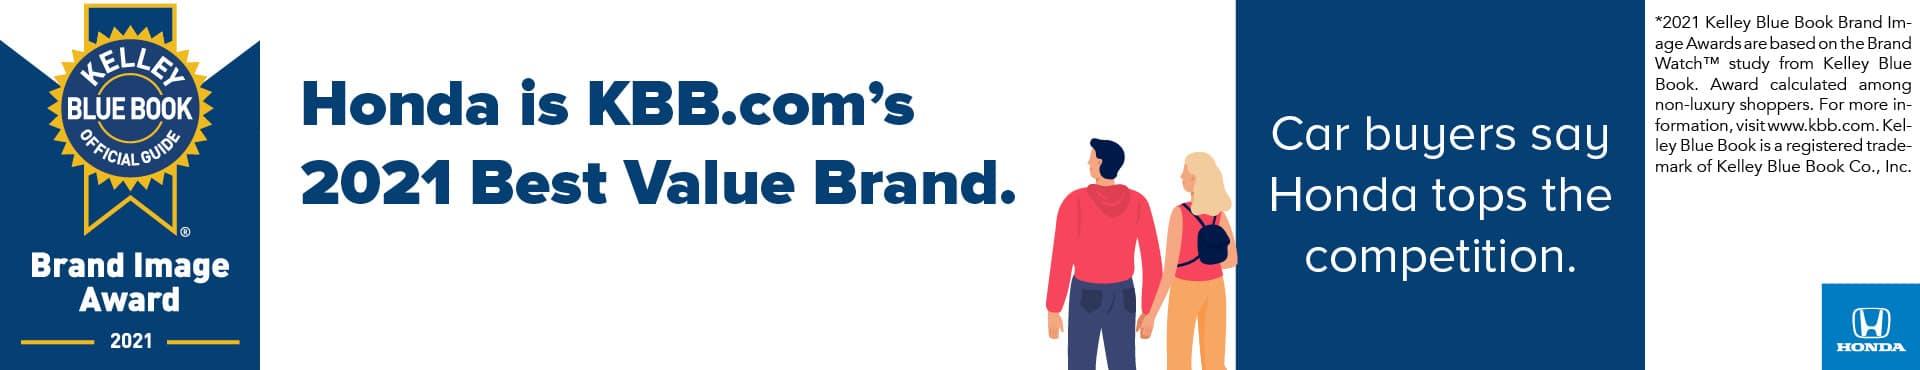 HOTR-1194 KBB Honda Brand Image award website banner ads5